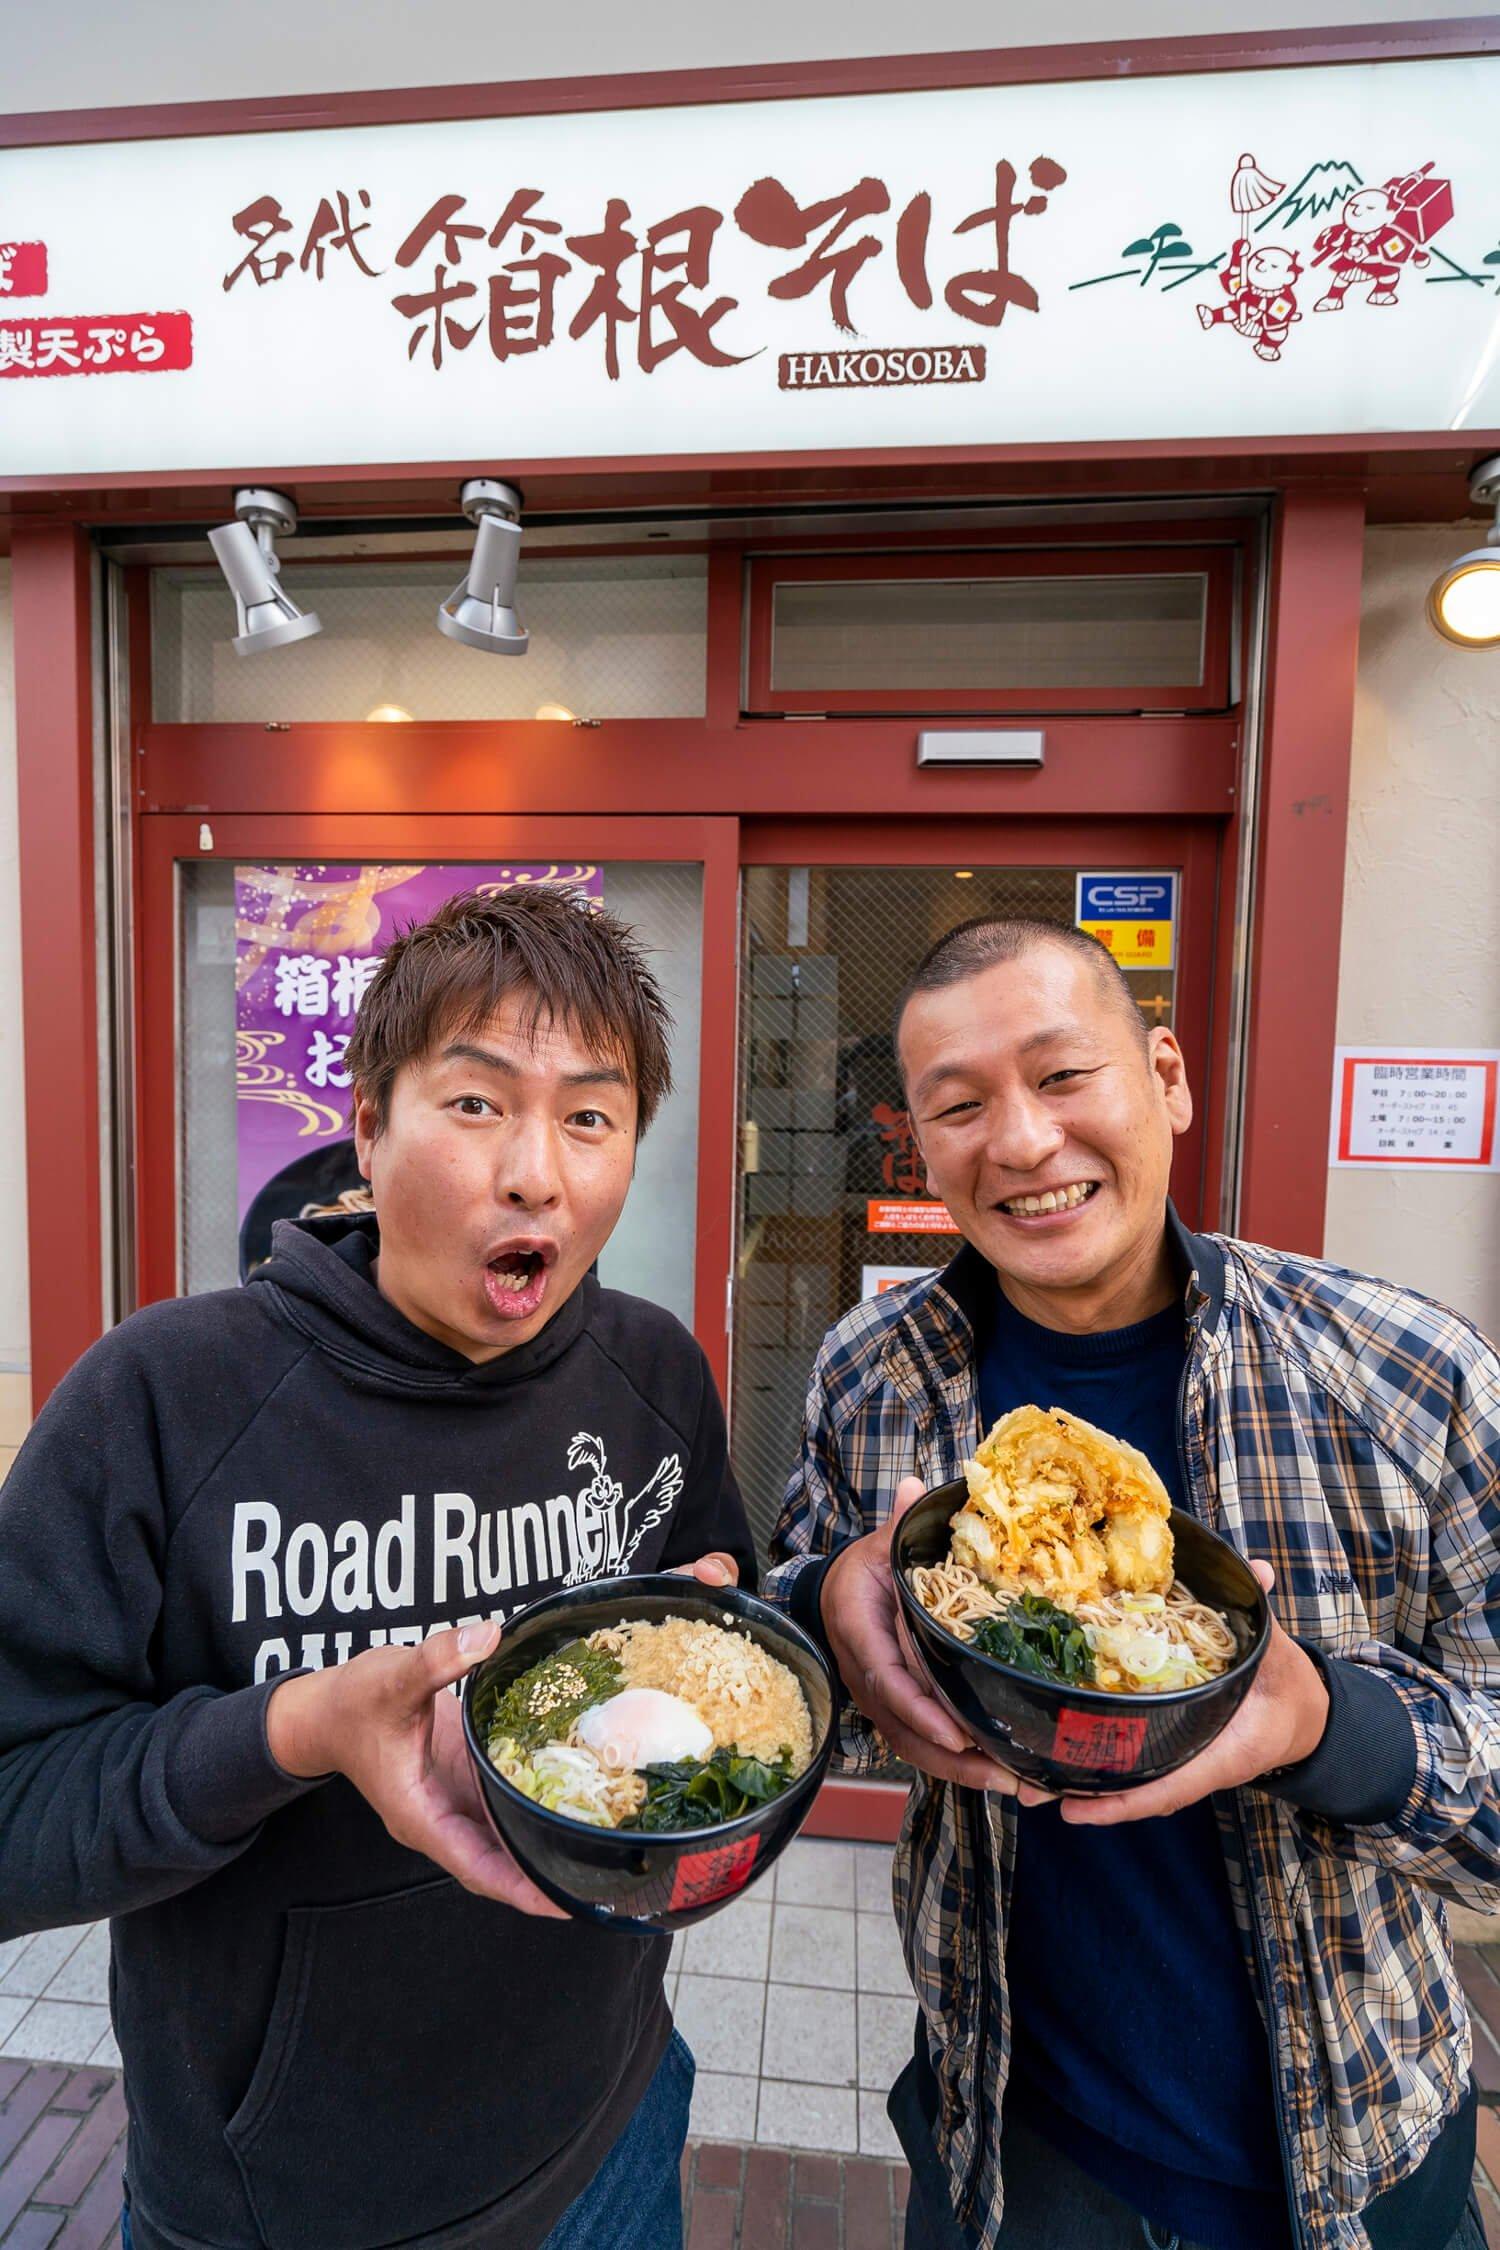 新宿で飲んでもシメはここだったという『箱根そば町田北口店』にも寄り道。「町田に来たばっかの頃は、お金なくてめちゃくちゃ通ったな~。俺の定番は春菊入りのかき揚げ蕎麦」(益子)。「かけそばにはちゃんとワカメがのってんの。それがありがたかった~」(福田)。 左がめかぶそば470円、右はかき揚げ天蕎麦470円。臨時営業時間7:00~20:00(土は~15:00)、日休、☎042-724-2358